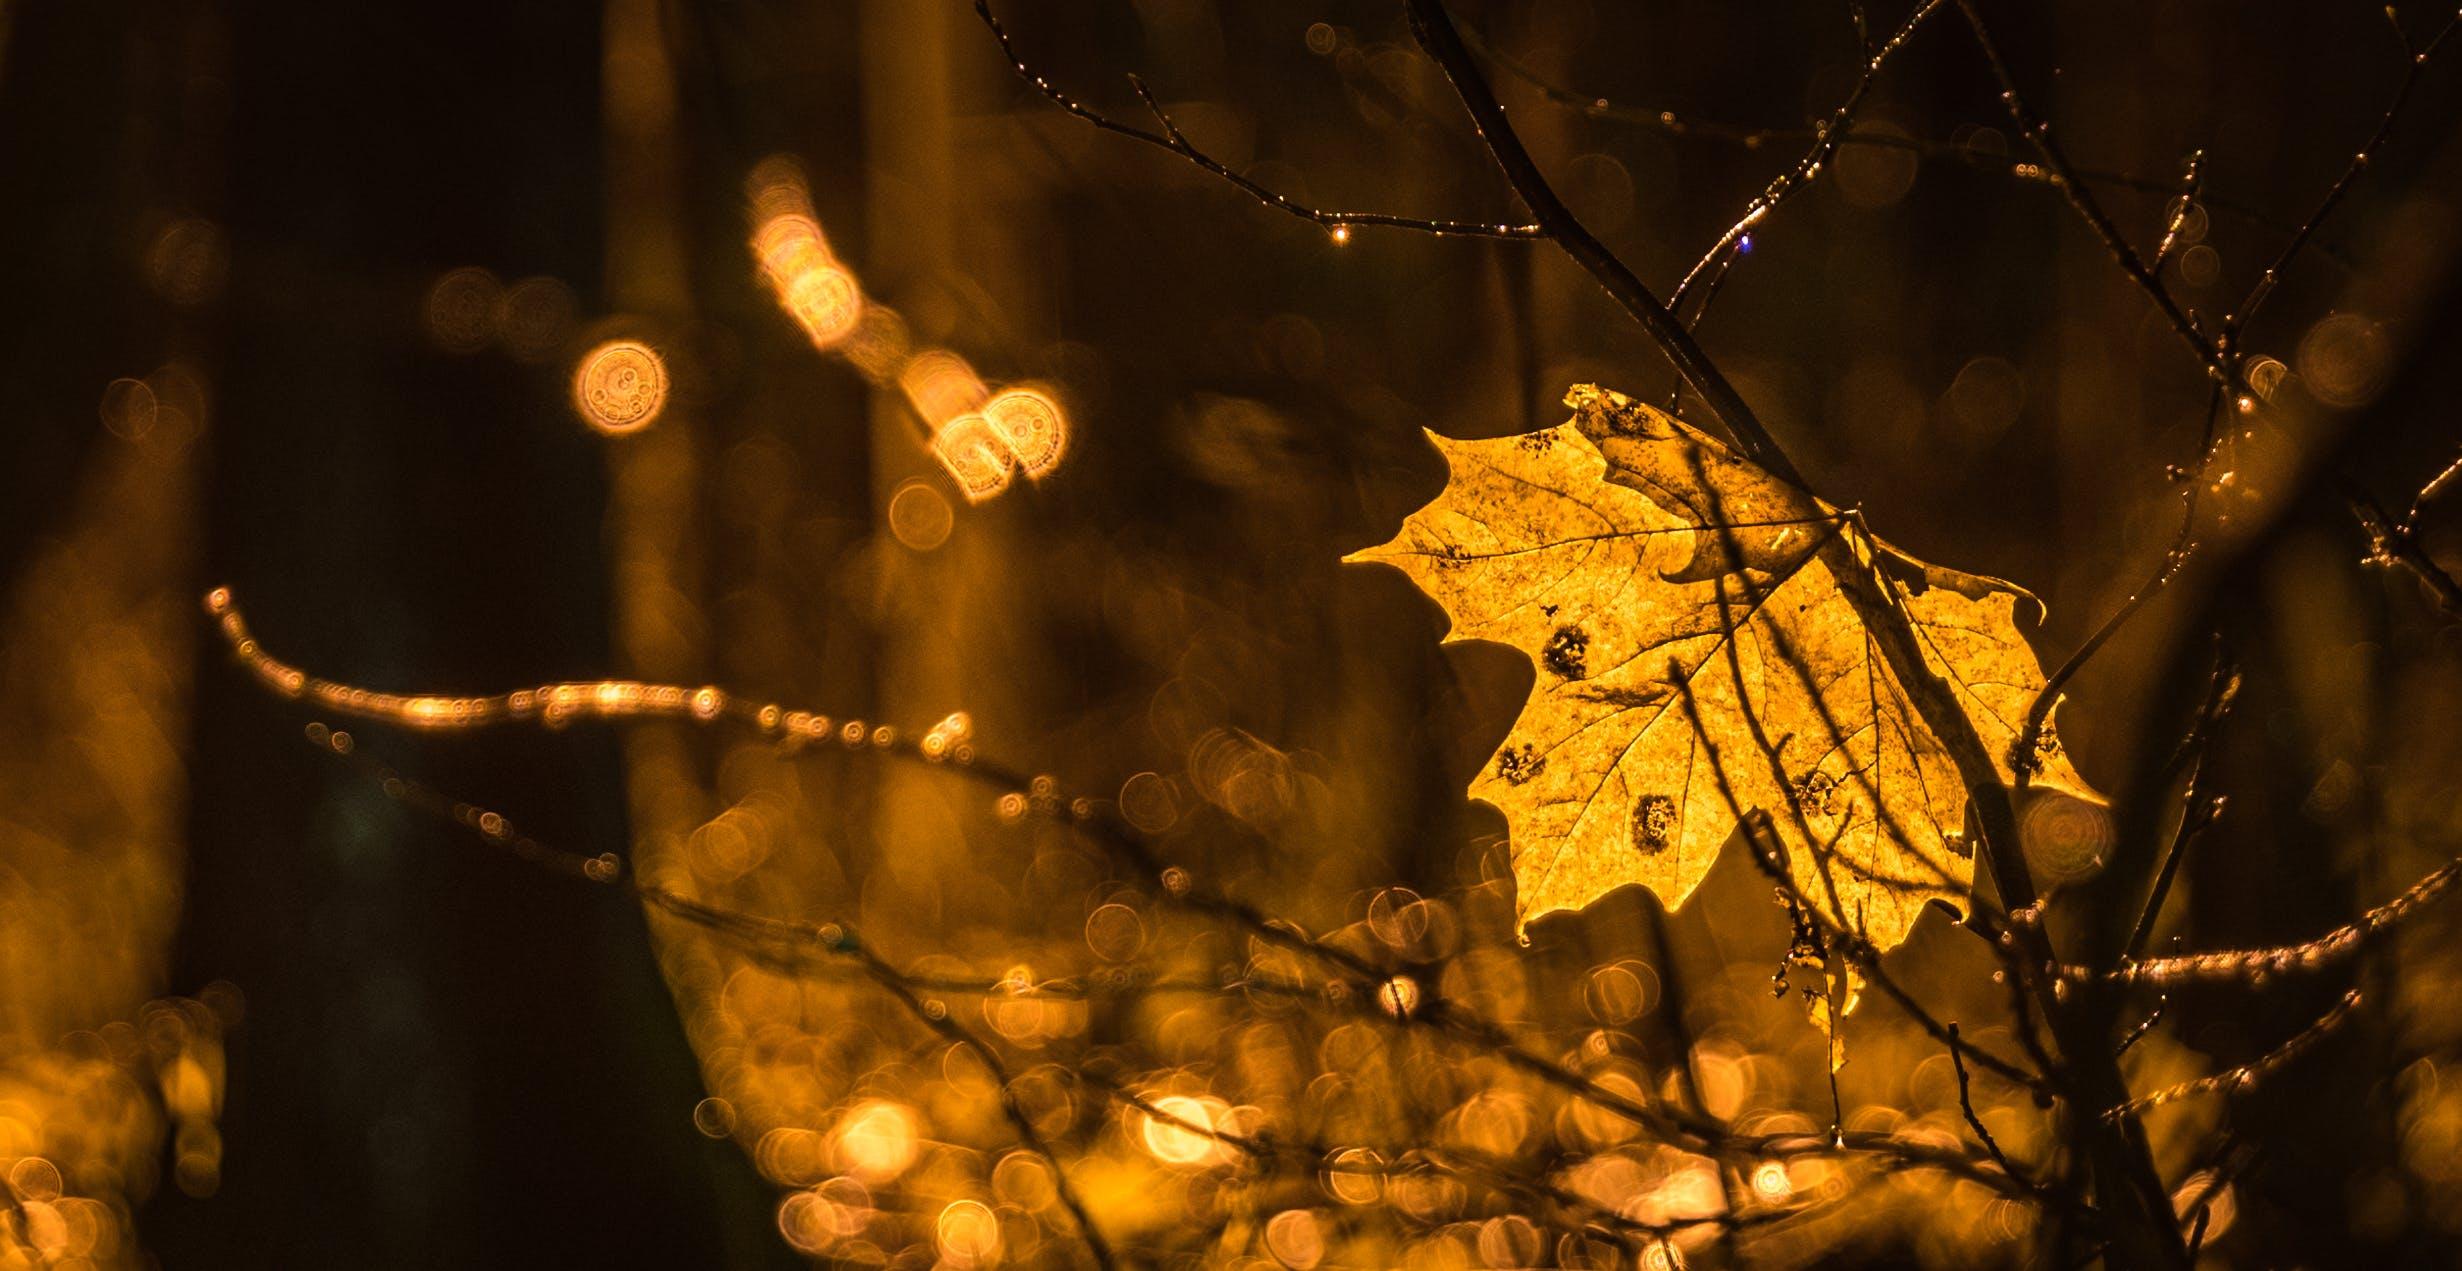 ağaç gövdeleri, ağaçlar, akçaağaç yaprağı, bulanık arka plan içeren Ücretsiz stok fotoğraf